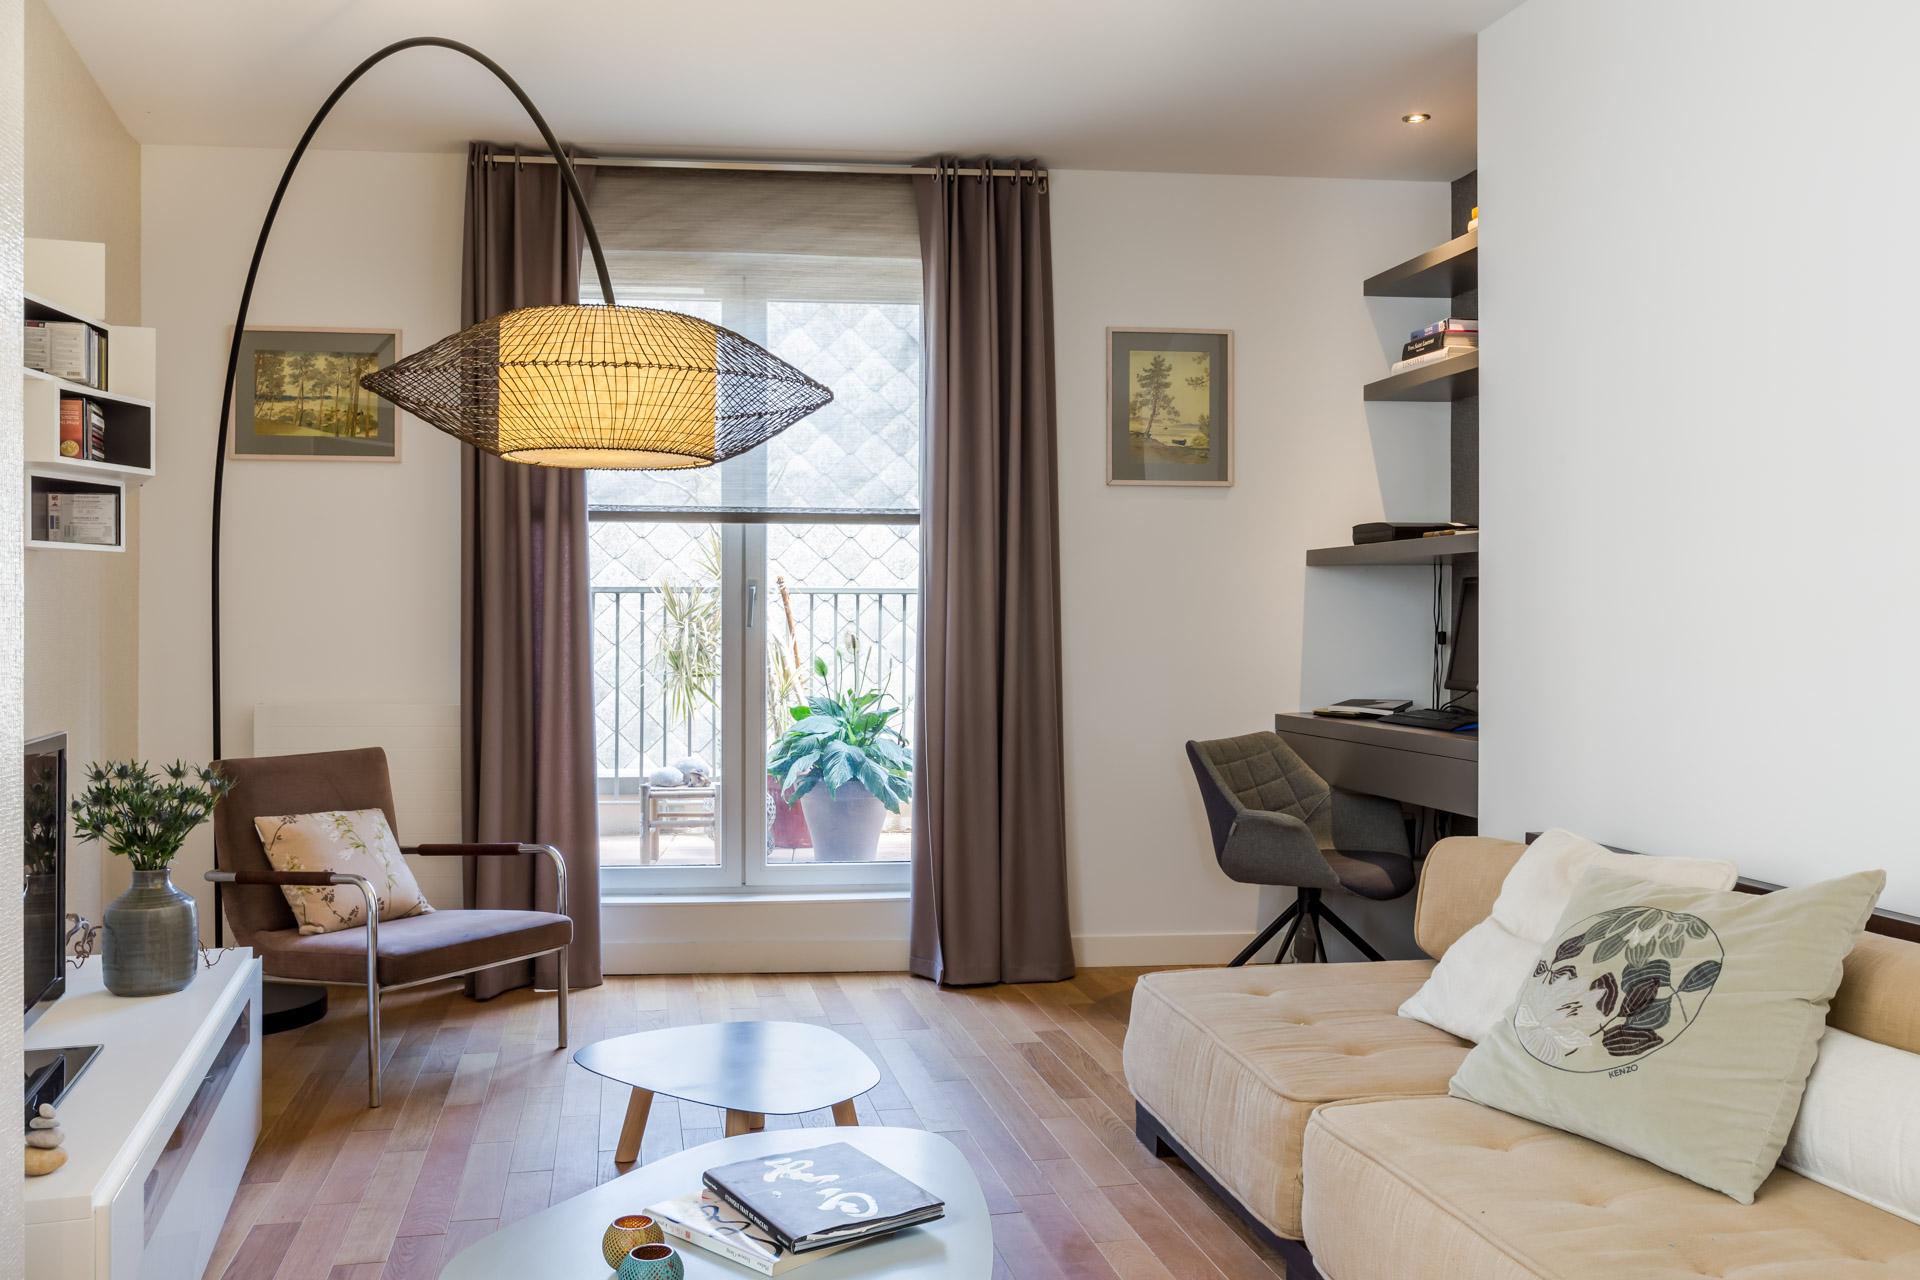 D coration d un appartement dans le carr cheverus bordeaux expression architecture int rieur - Decoration interieur bordeaux ...